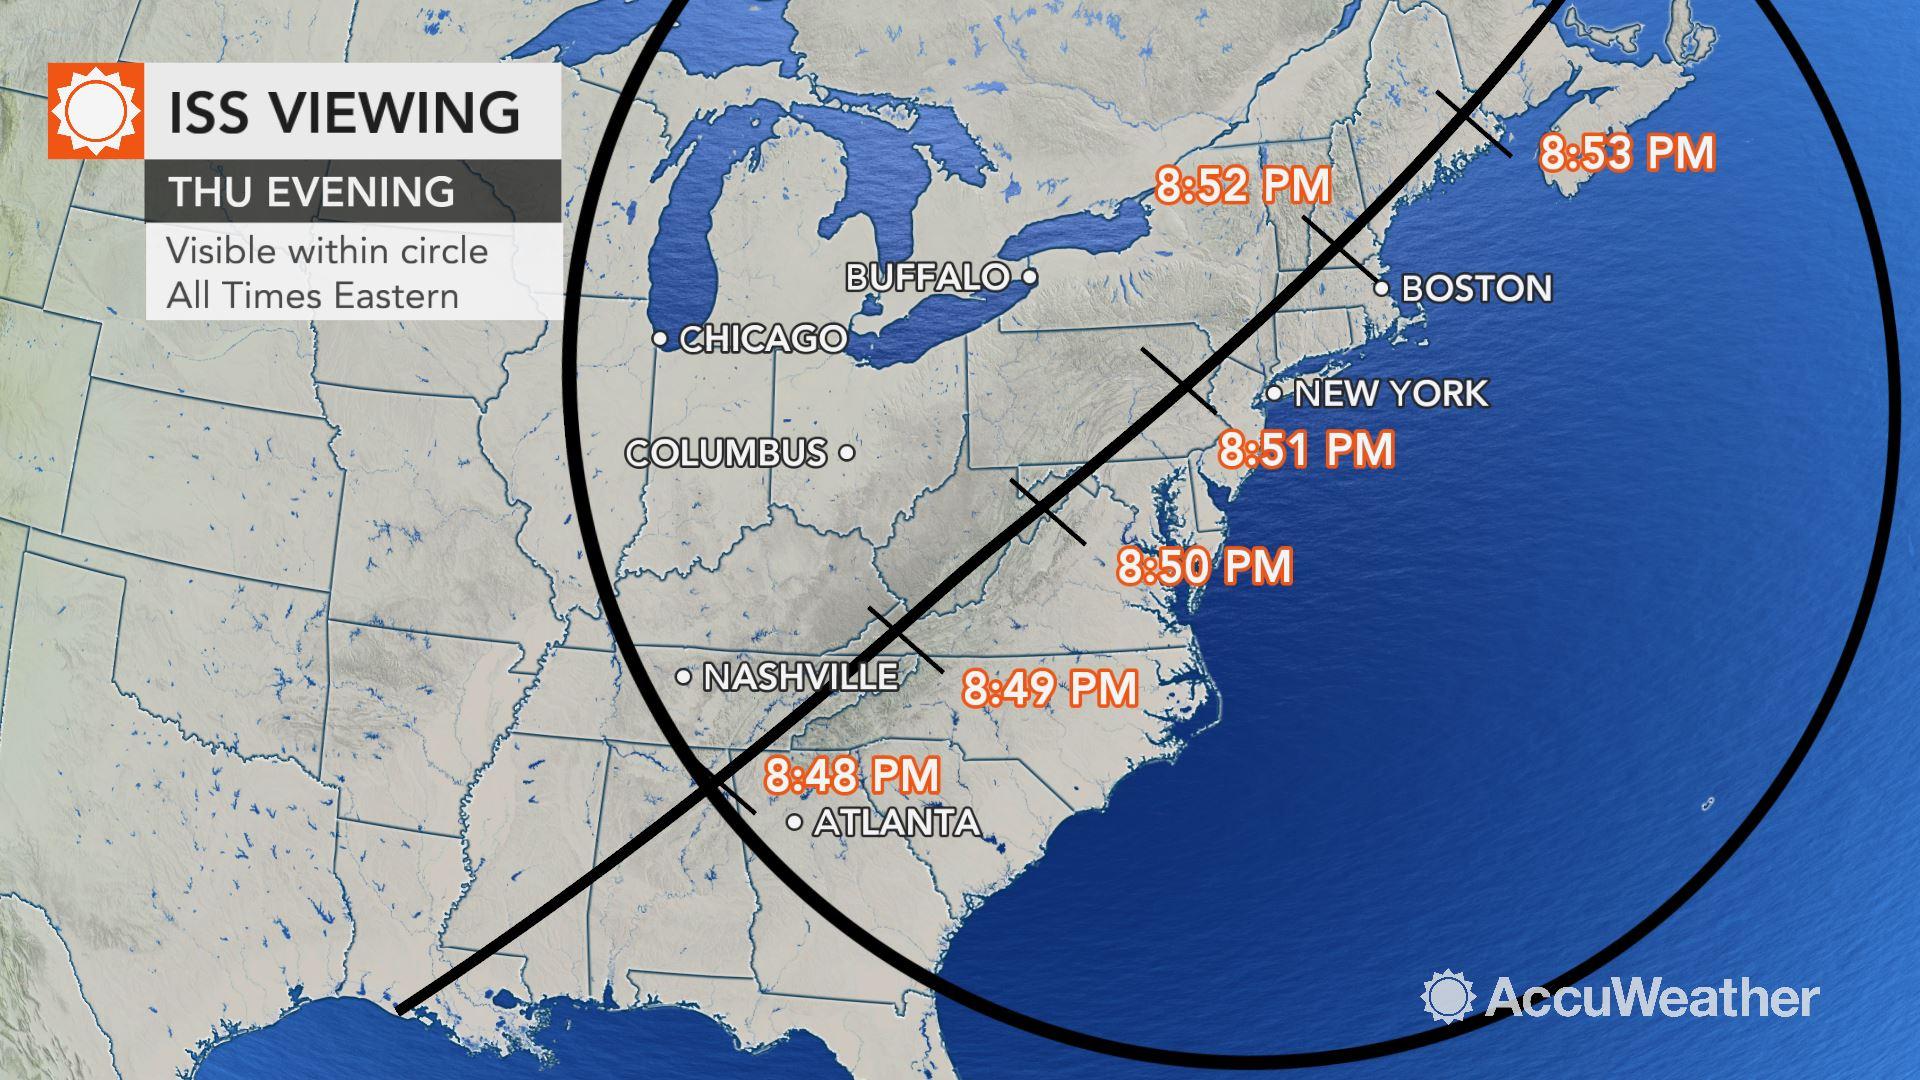 North Carolina Doppler Weather Radar Map - AccuWeather.com